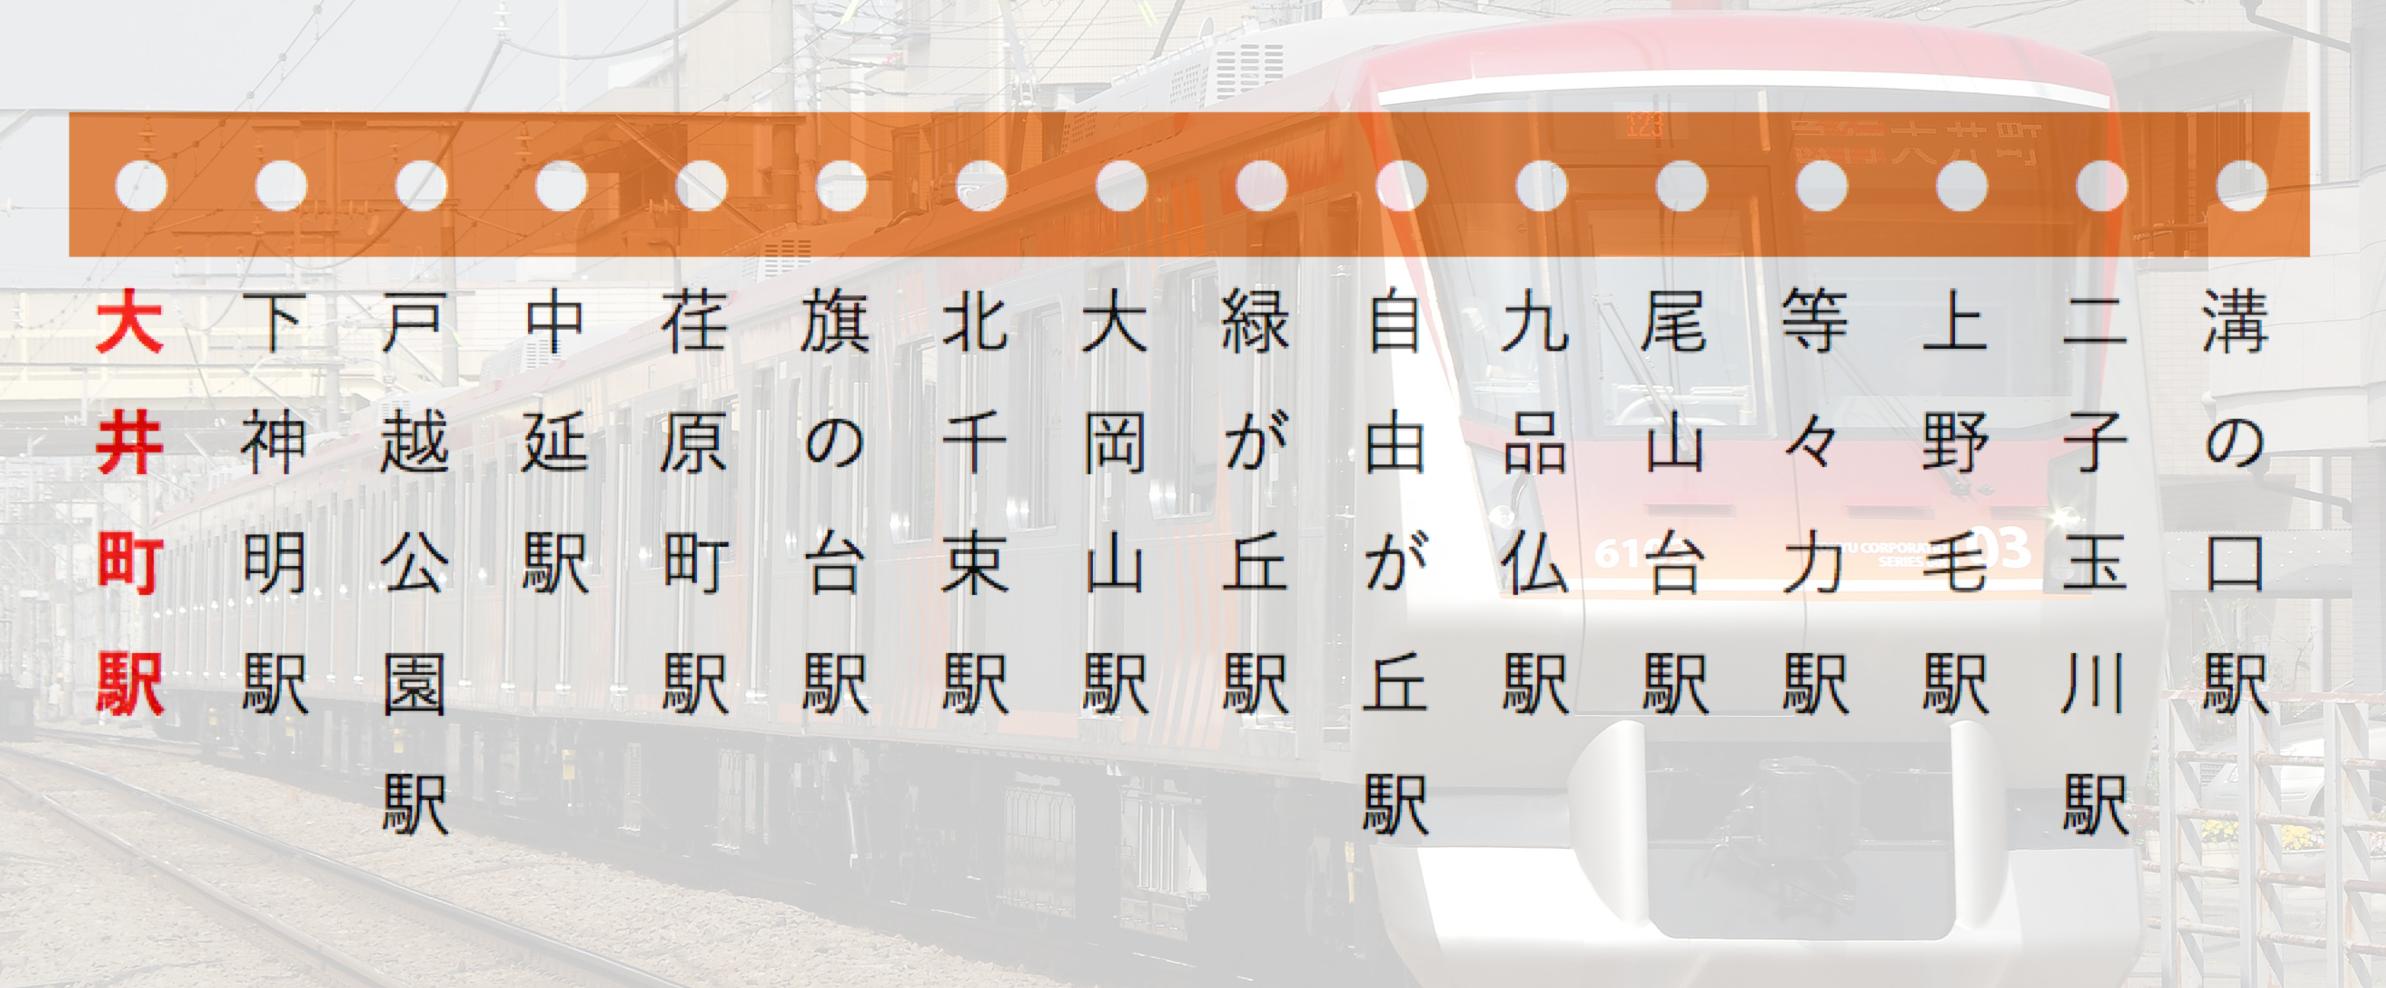 大井町線_路線図